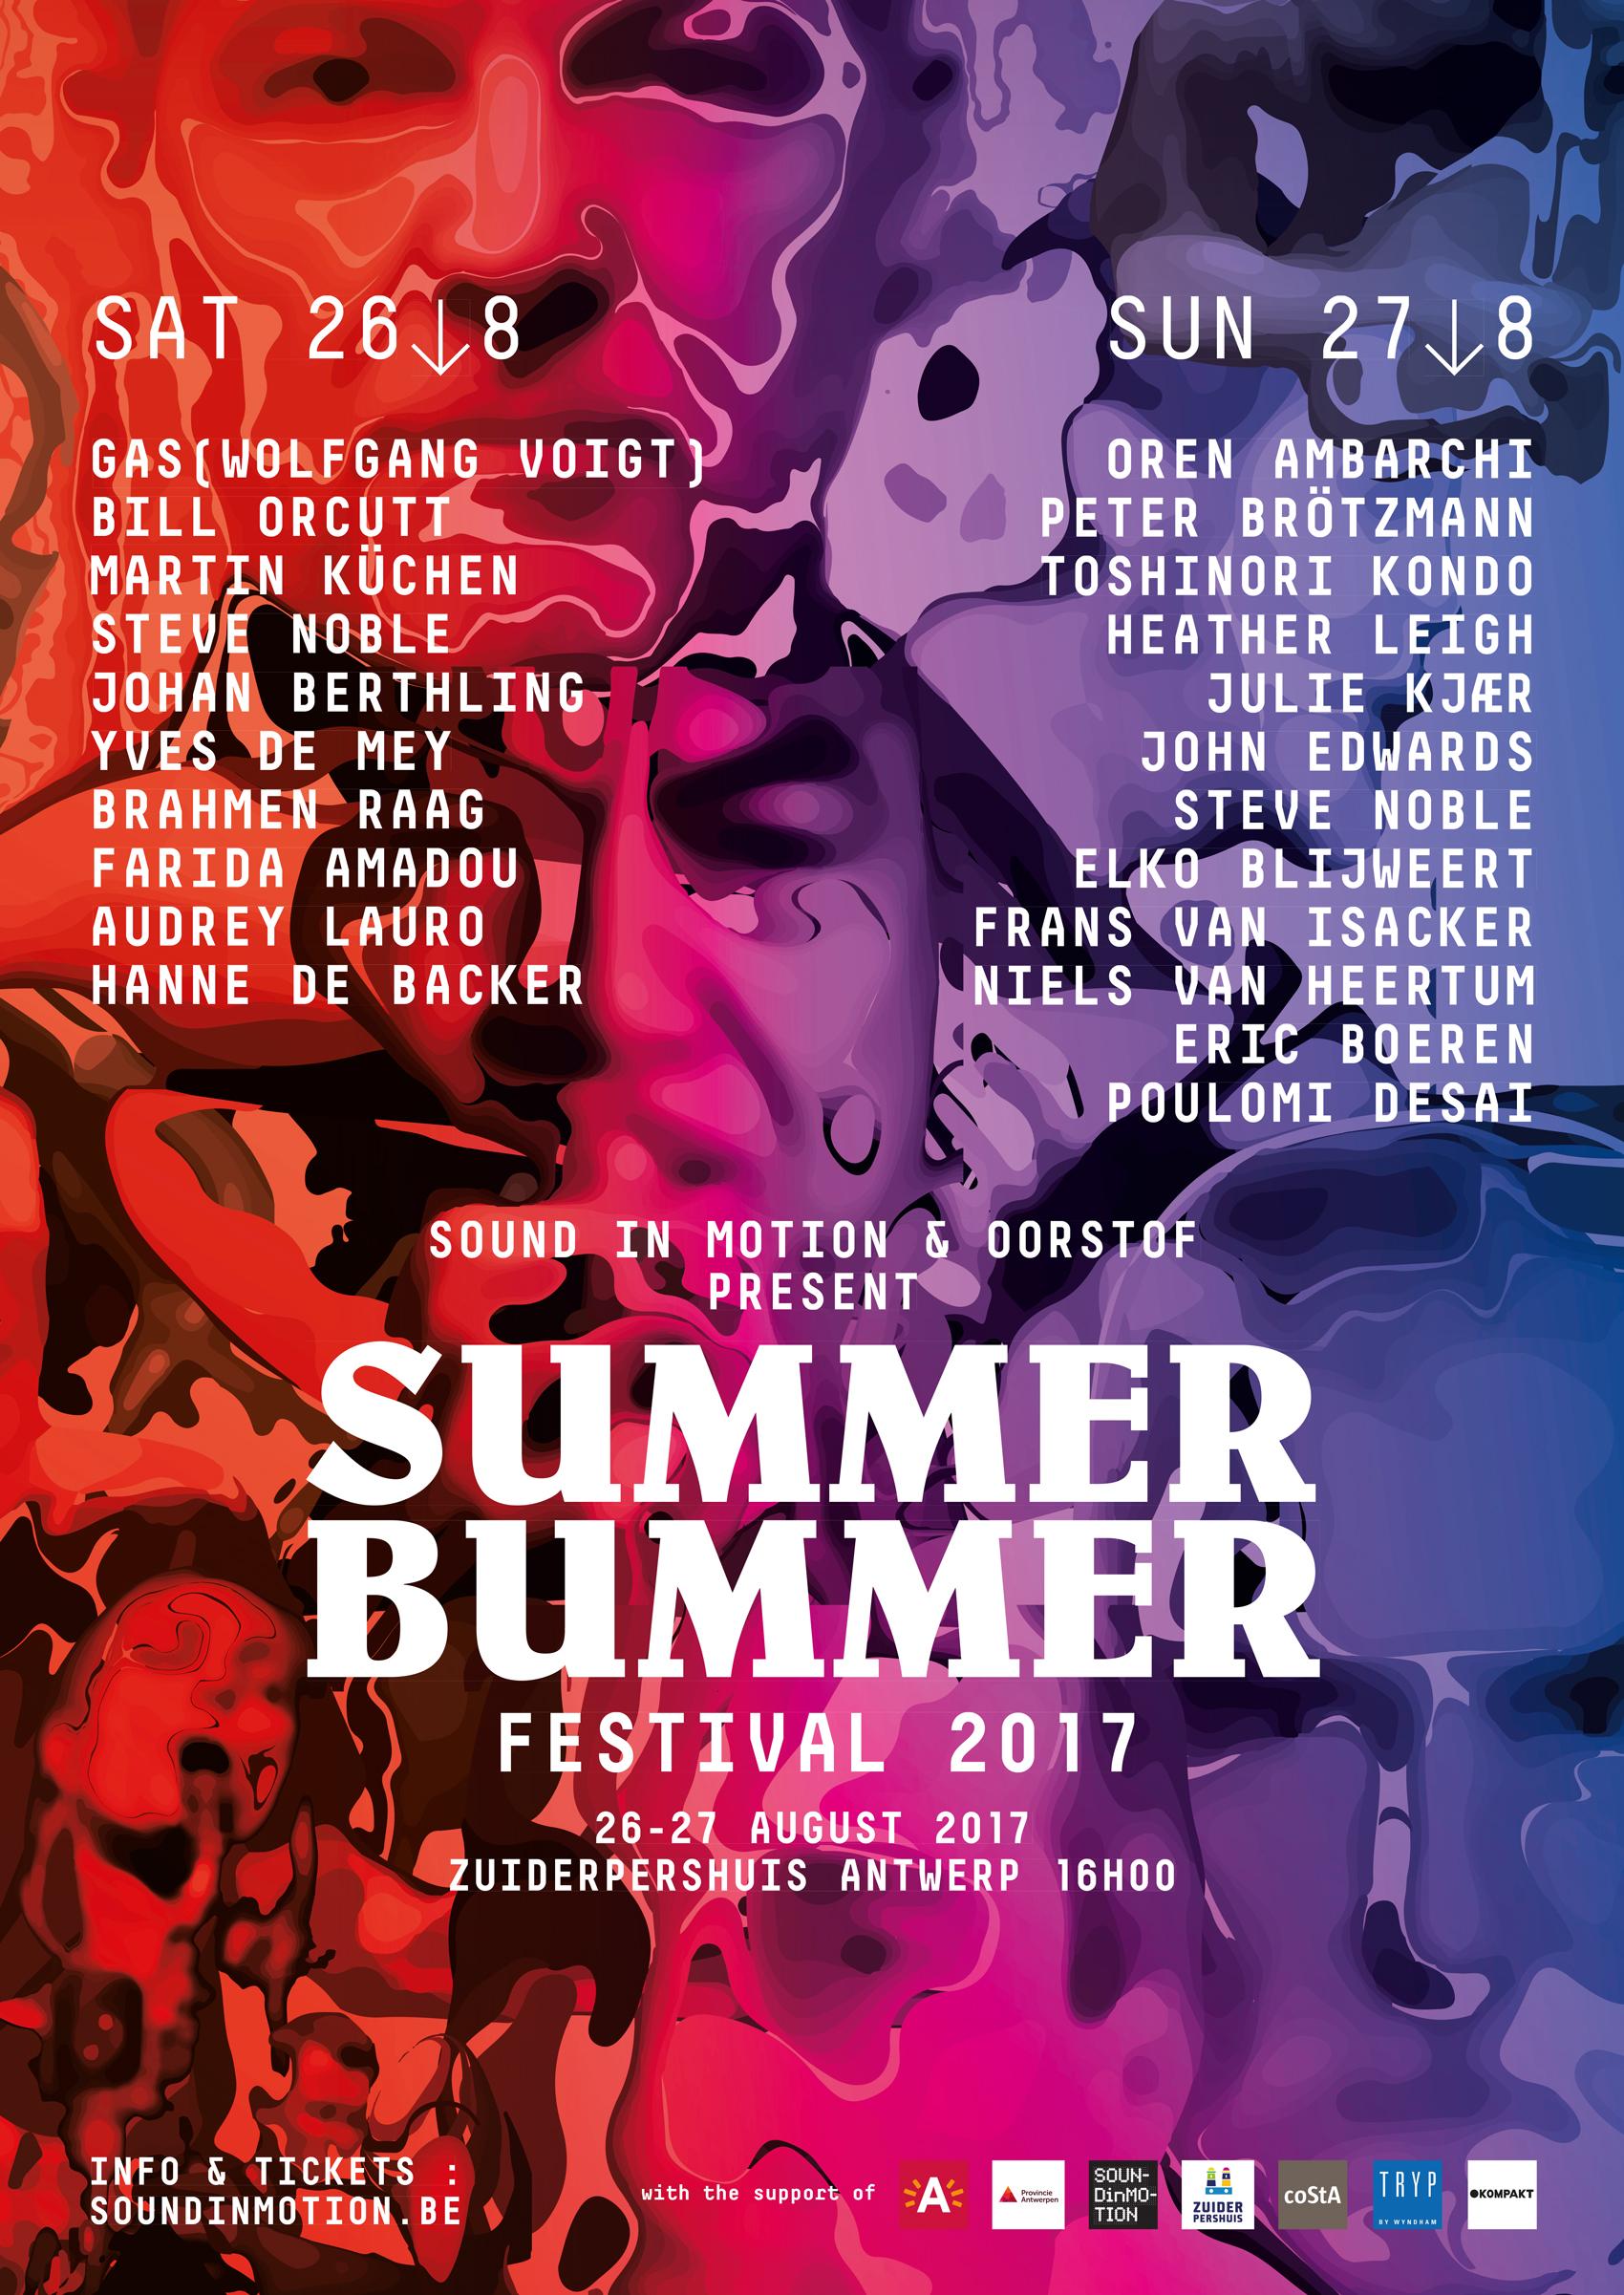 SummerBummerA2_PosterPascal